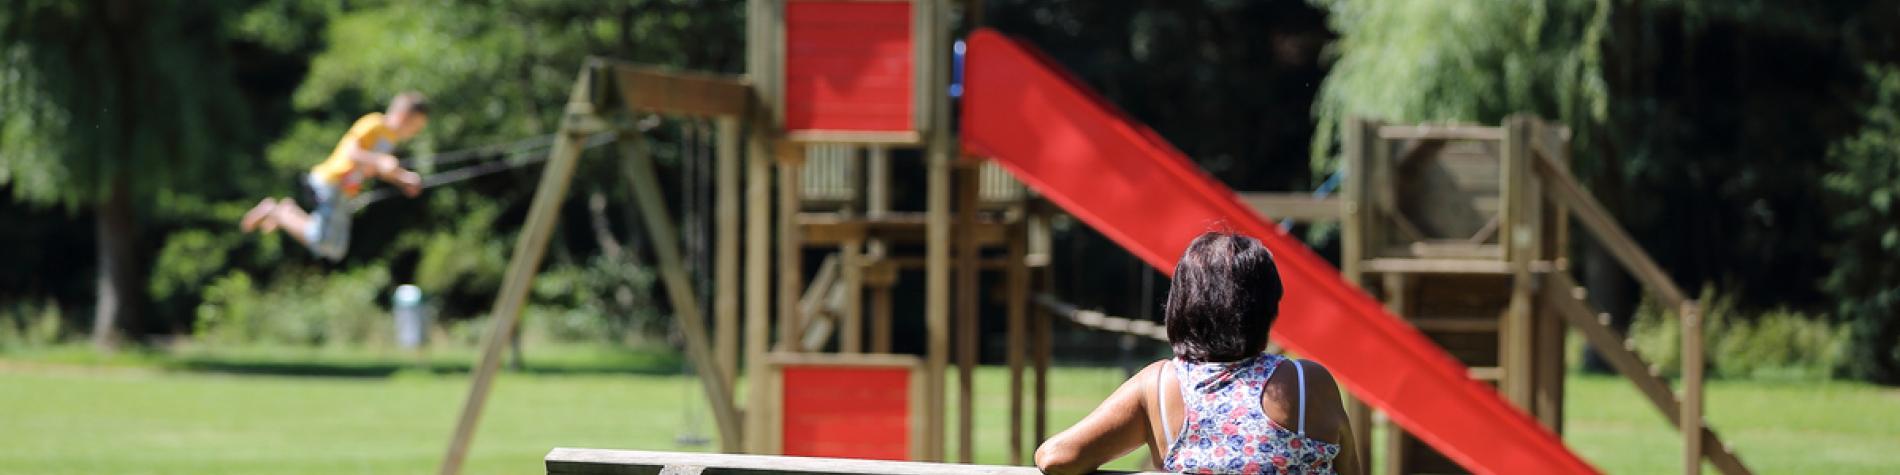 Jeux enfants - Floréal La Roche